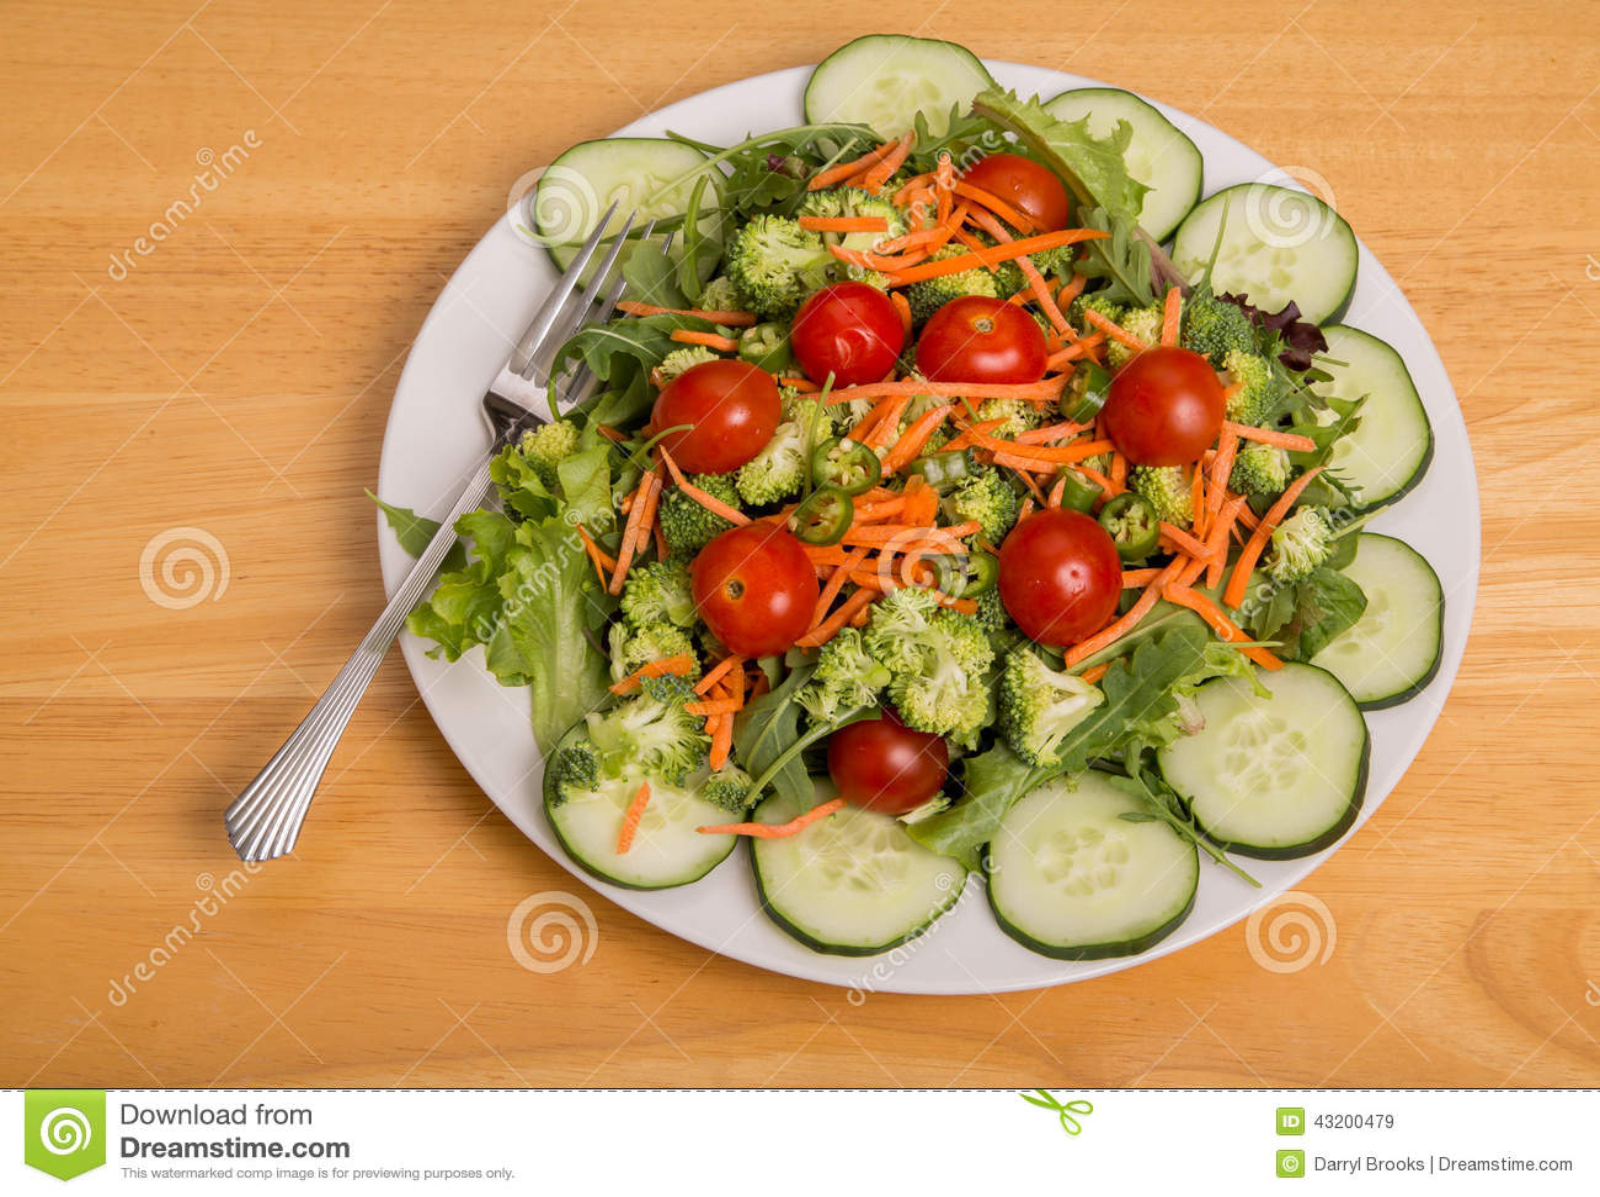 Download Grönsaksallad Med Cherry Tomatoes Och Kajennpeppar Fotografering för Bildbyråer - Bild av sunt, appetisers: 43200479